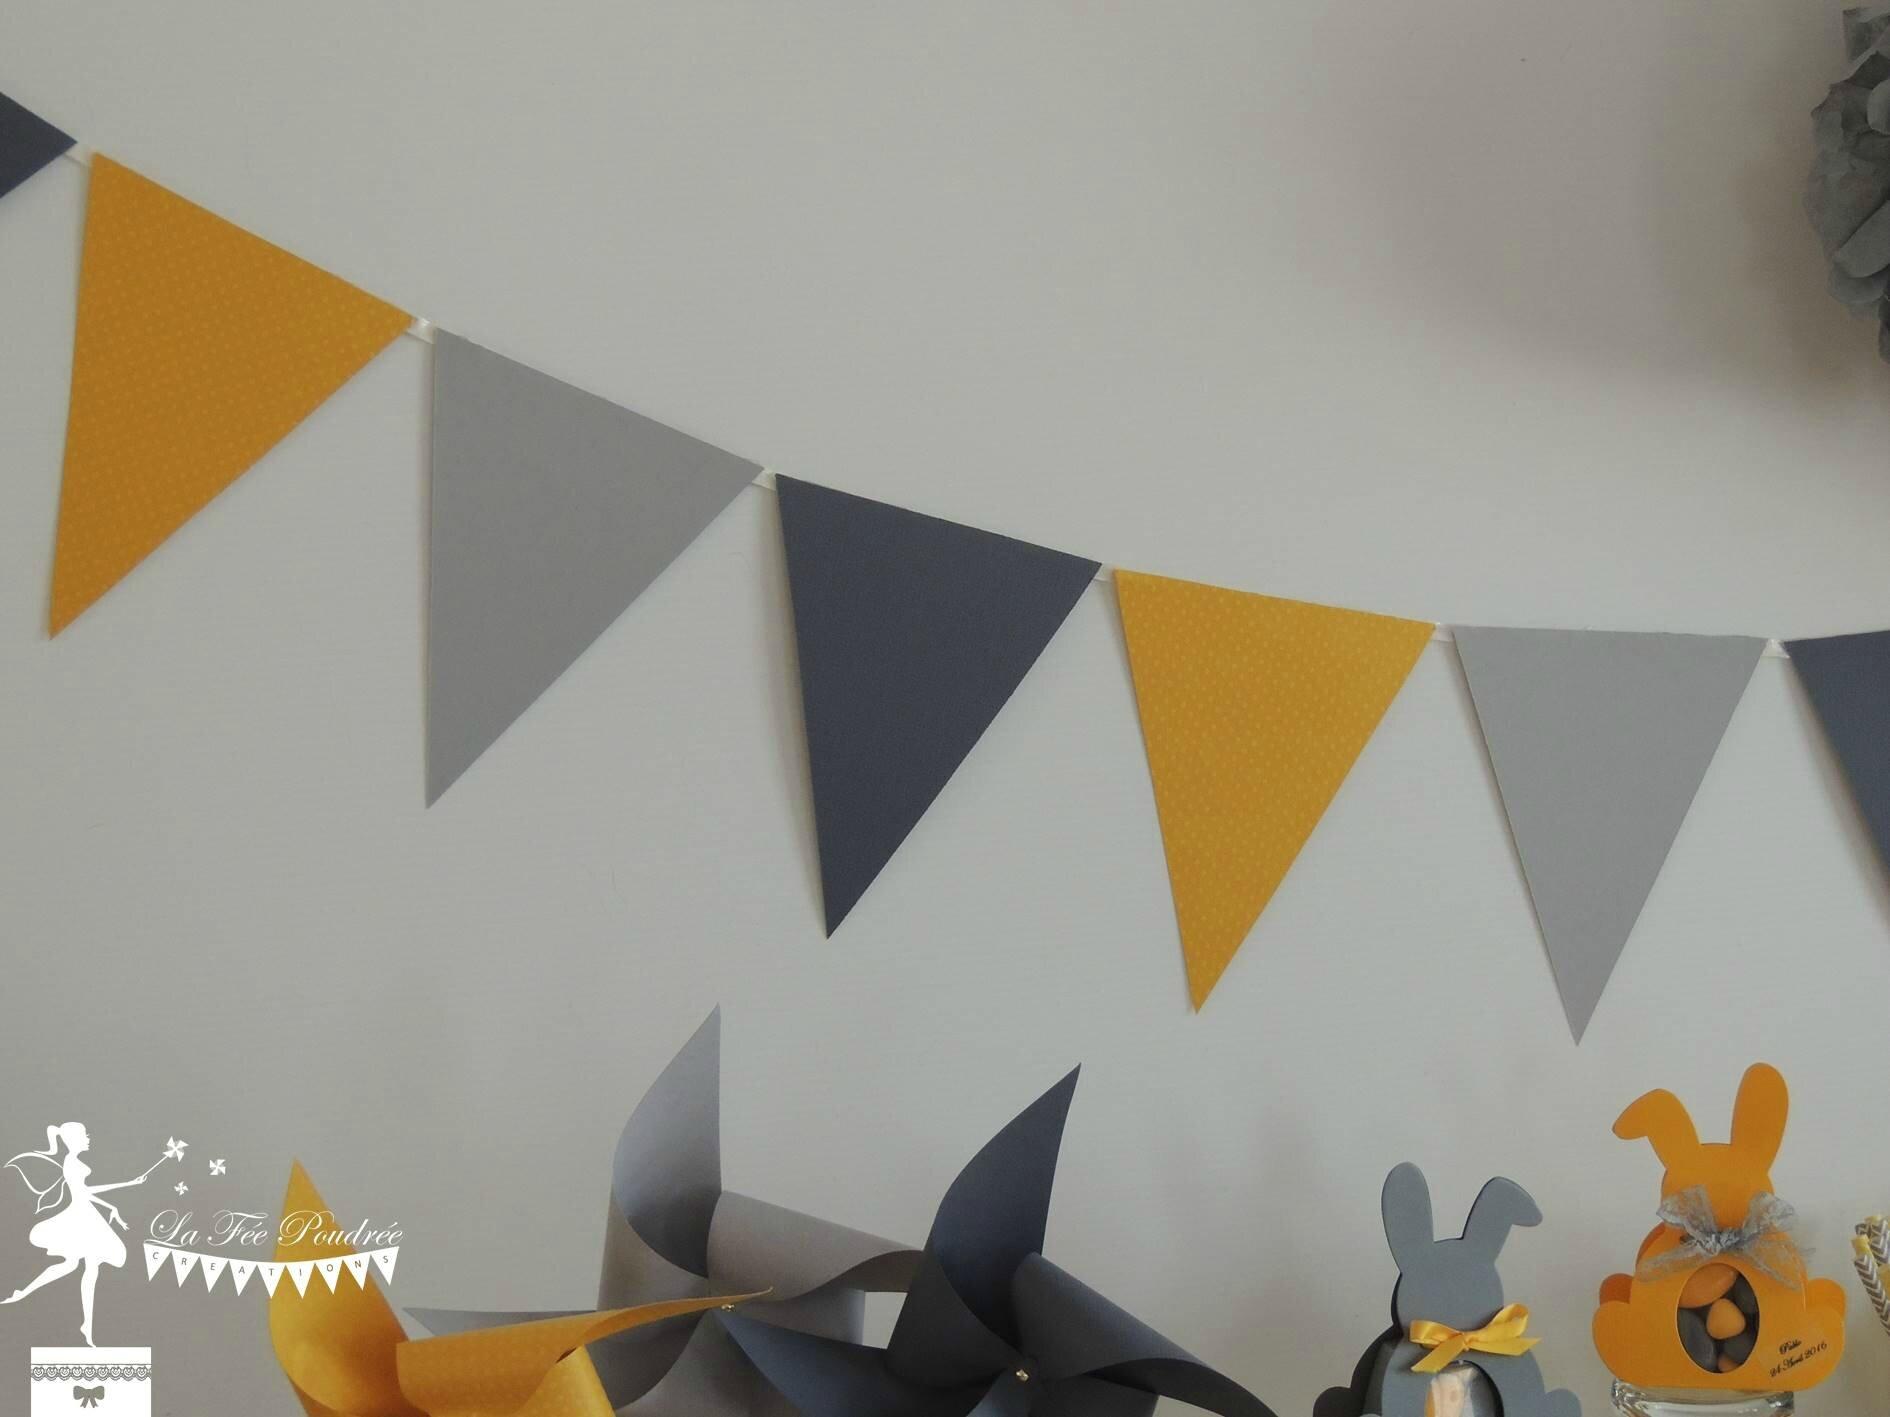 guirlande fanion jaune gris décoration mariage baby shower baptême